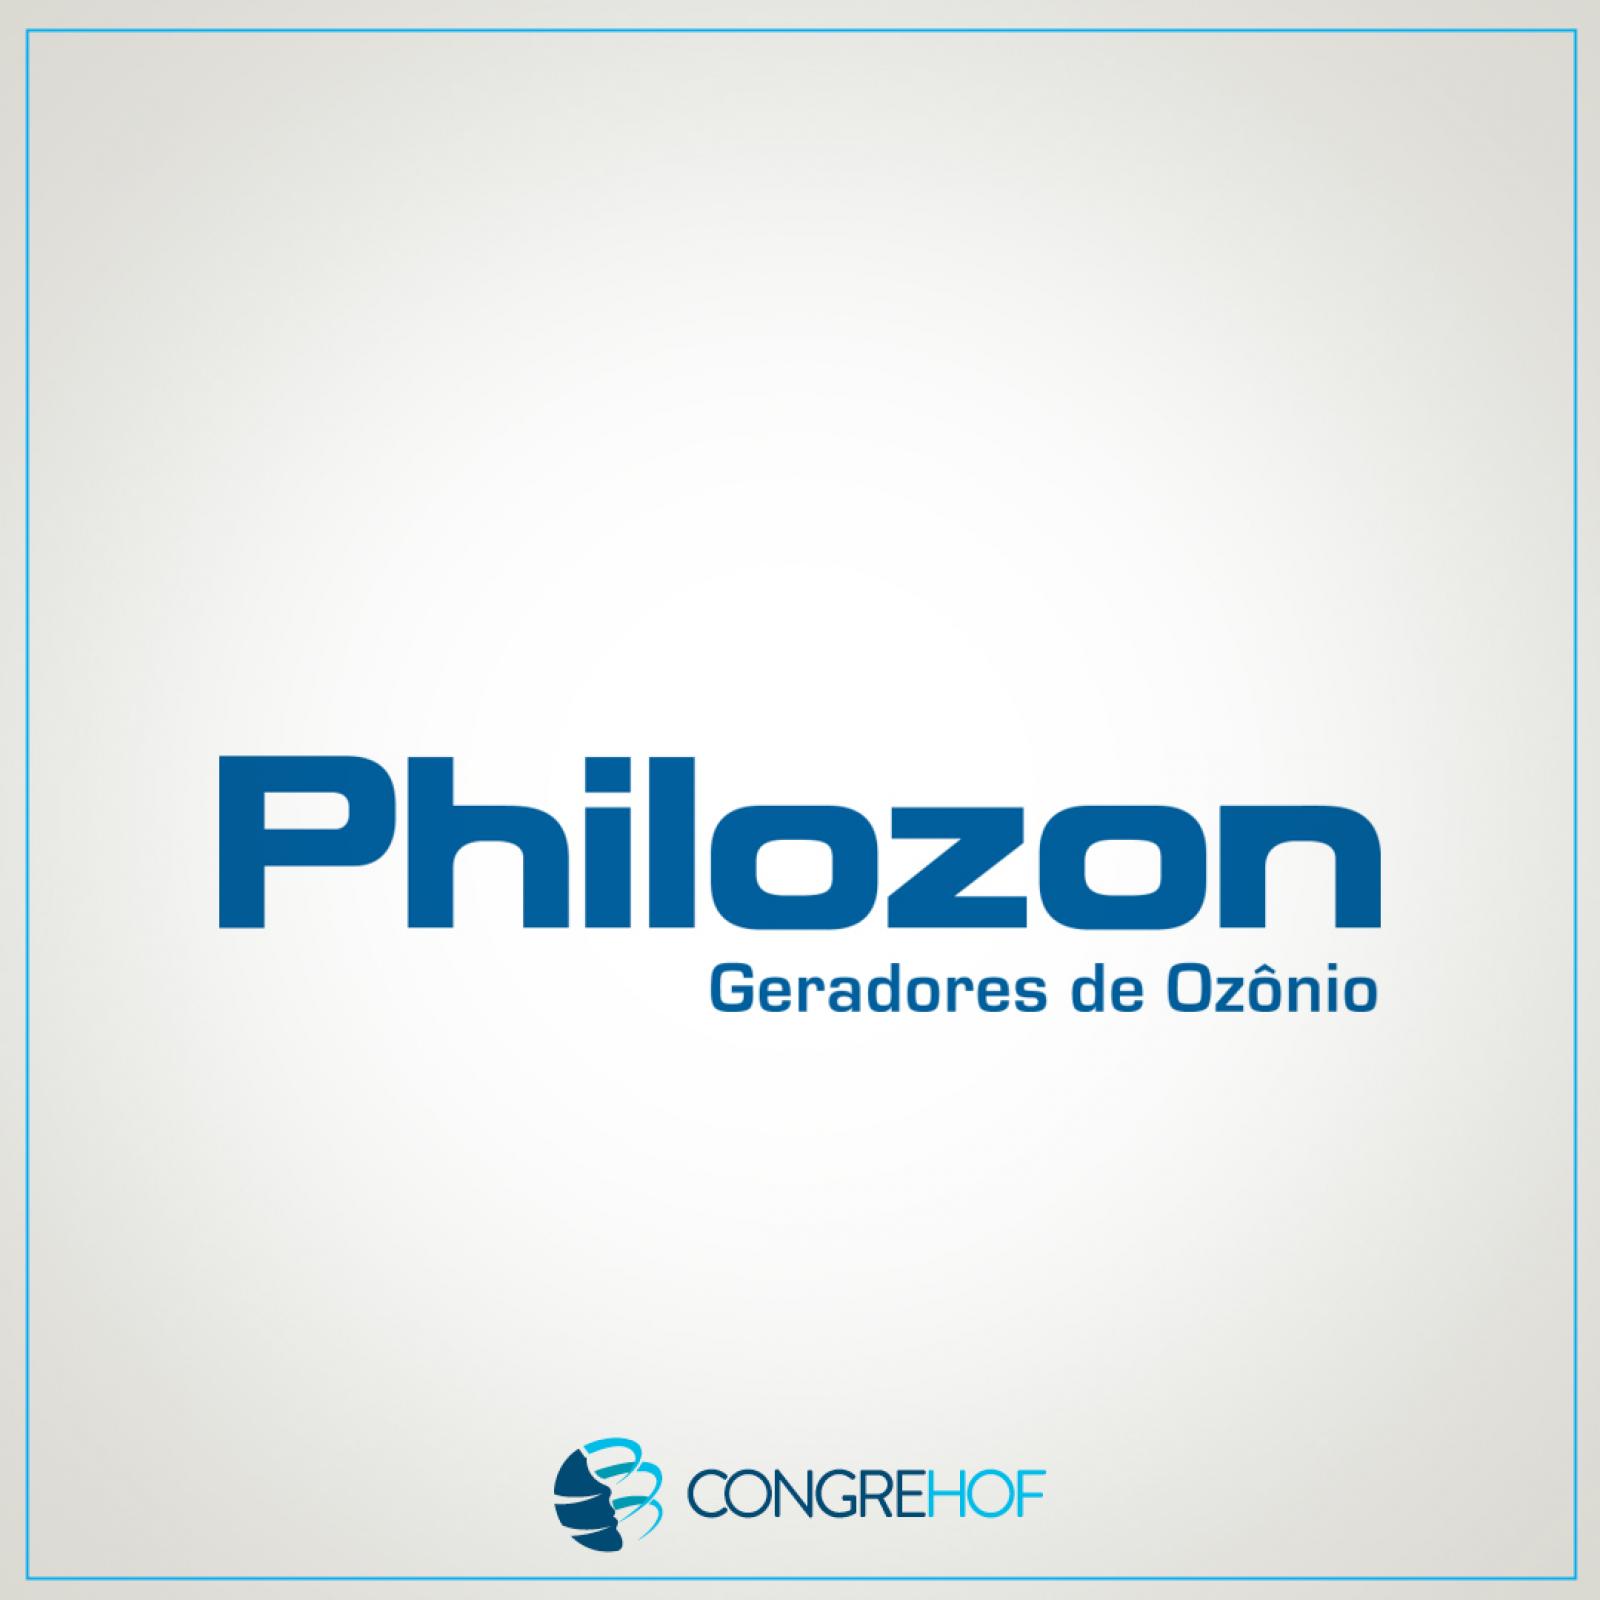 PHILOZON  - Equipamentos geradores de ozônio